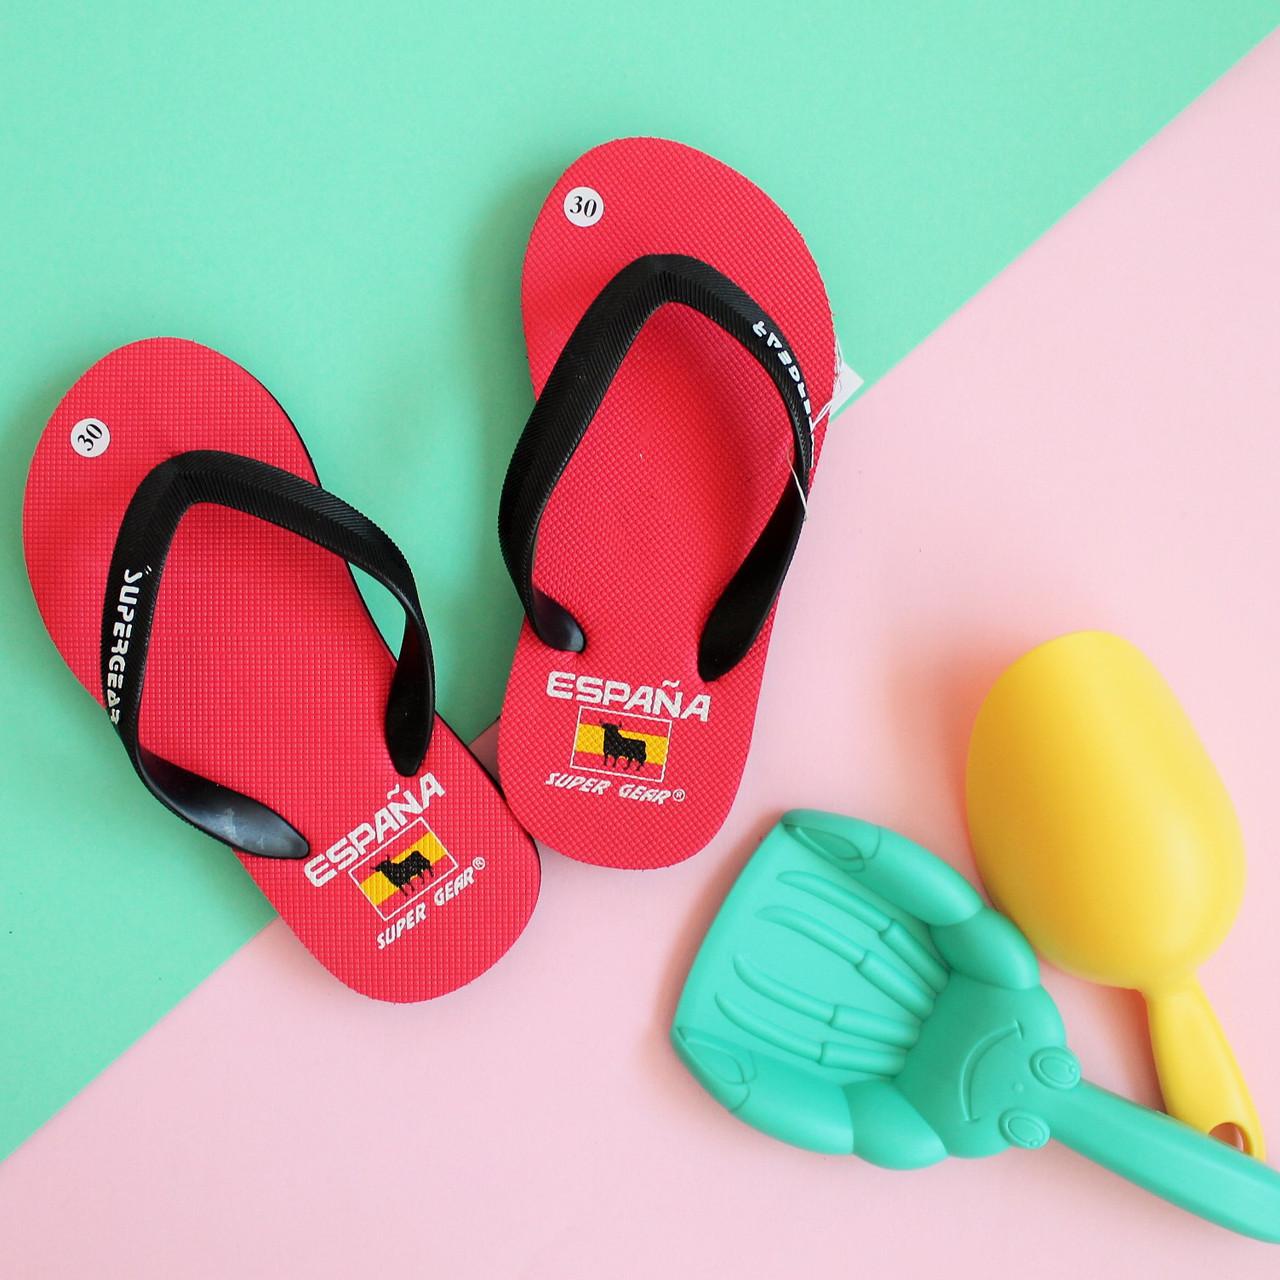 249bb7c23 Детские вьетнамки на мальчика пляжная обувь для бассейна тм Super Gear  р.30,31